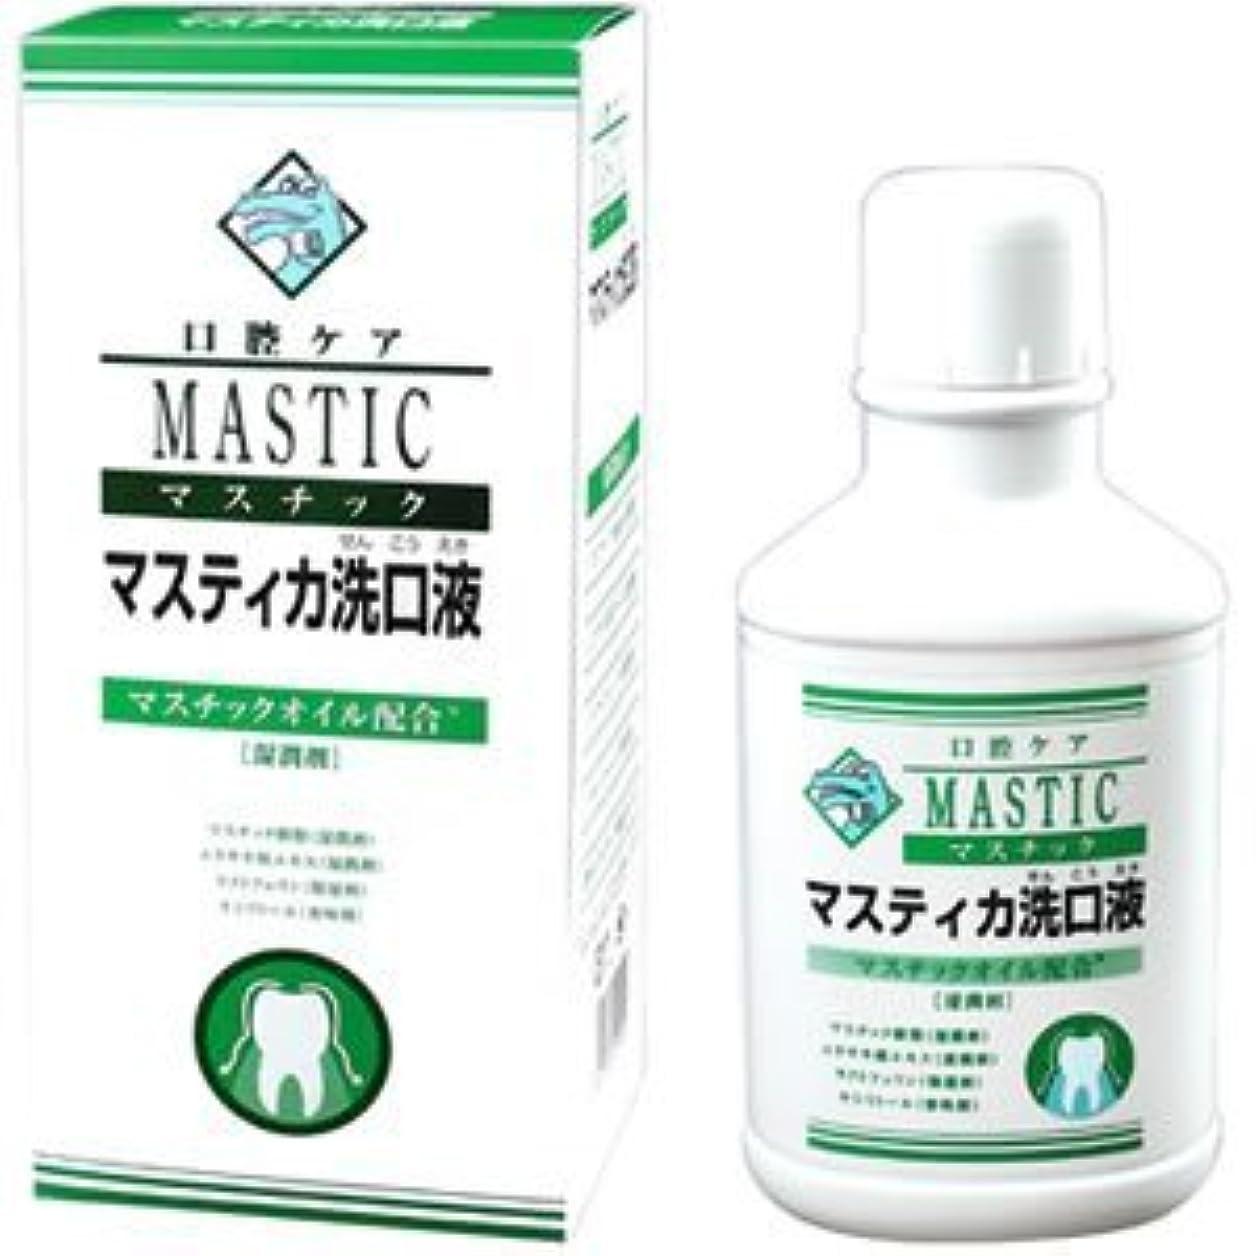 マスチック マスティカ 洗口液 480mL